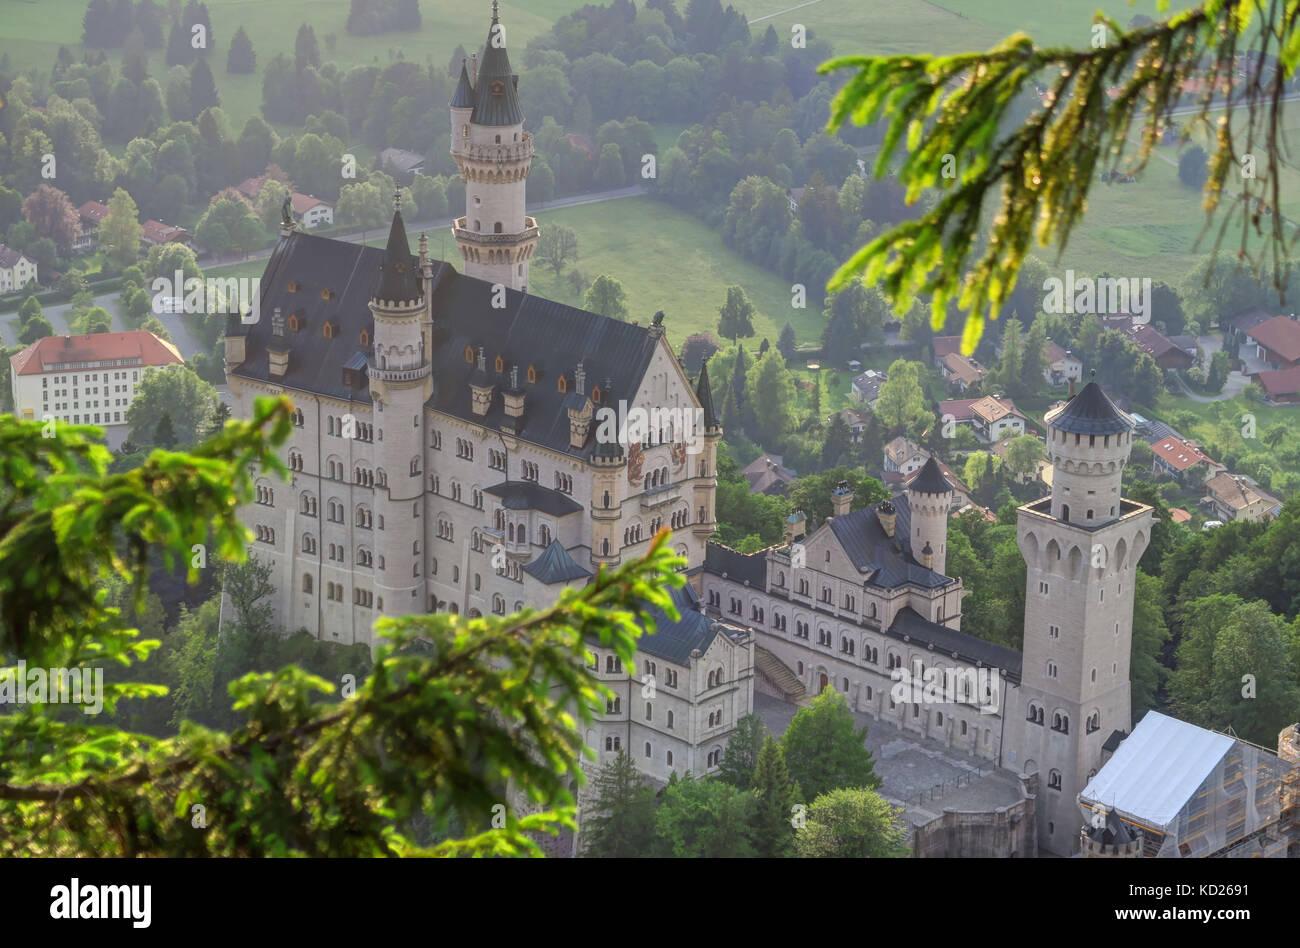 Aerial shot of Neuschwanstein Castle and village of Hohenschwangau near Füssen in southwest Bavaria, Germany. - Stock Image